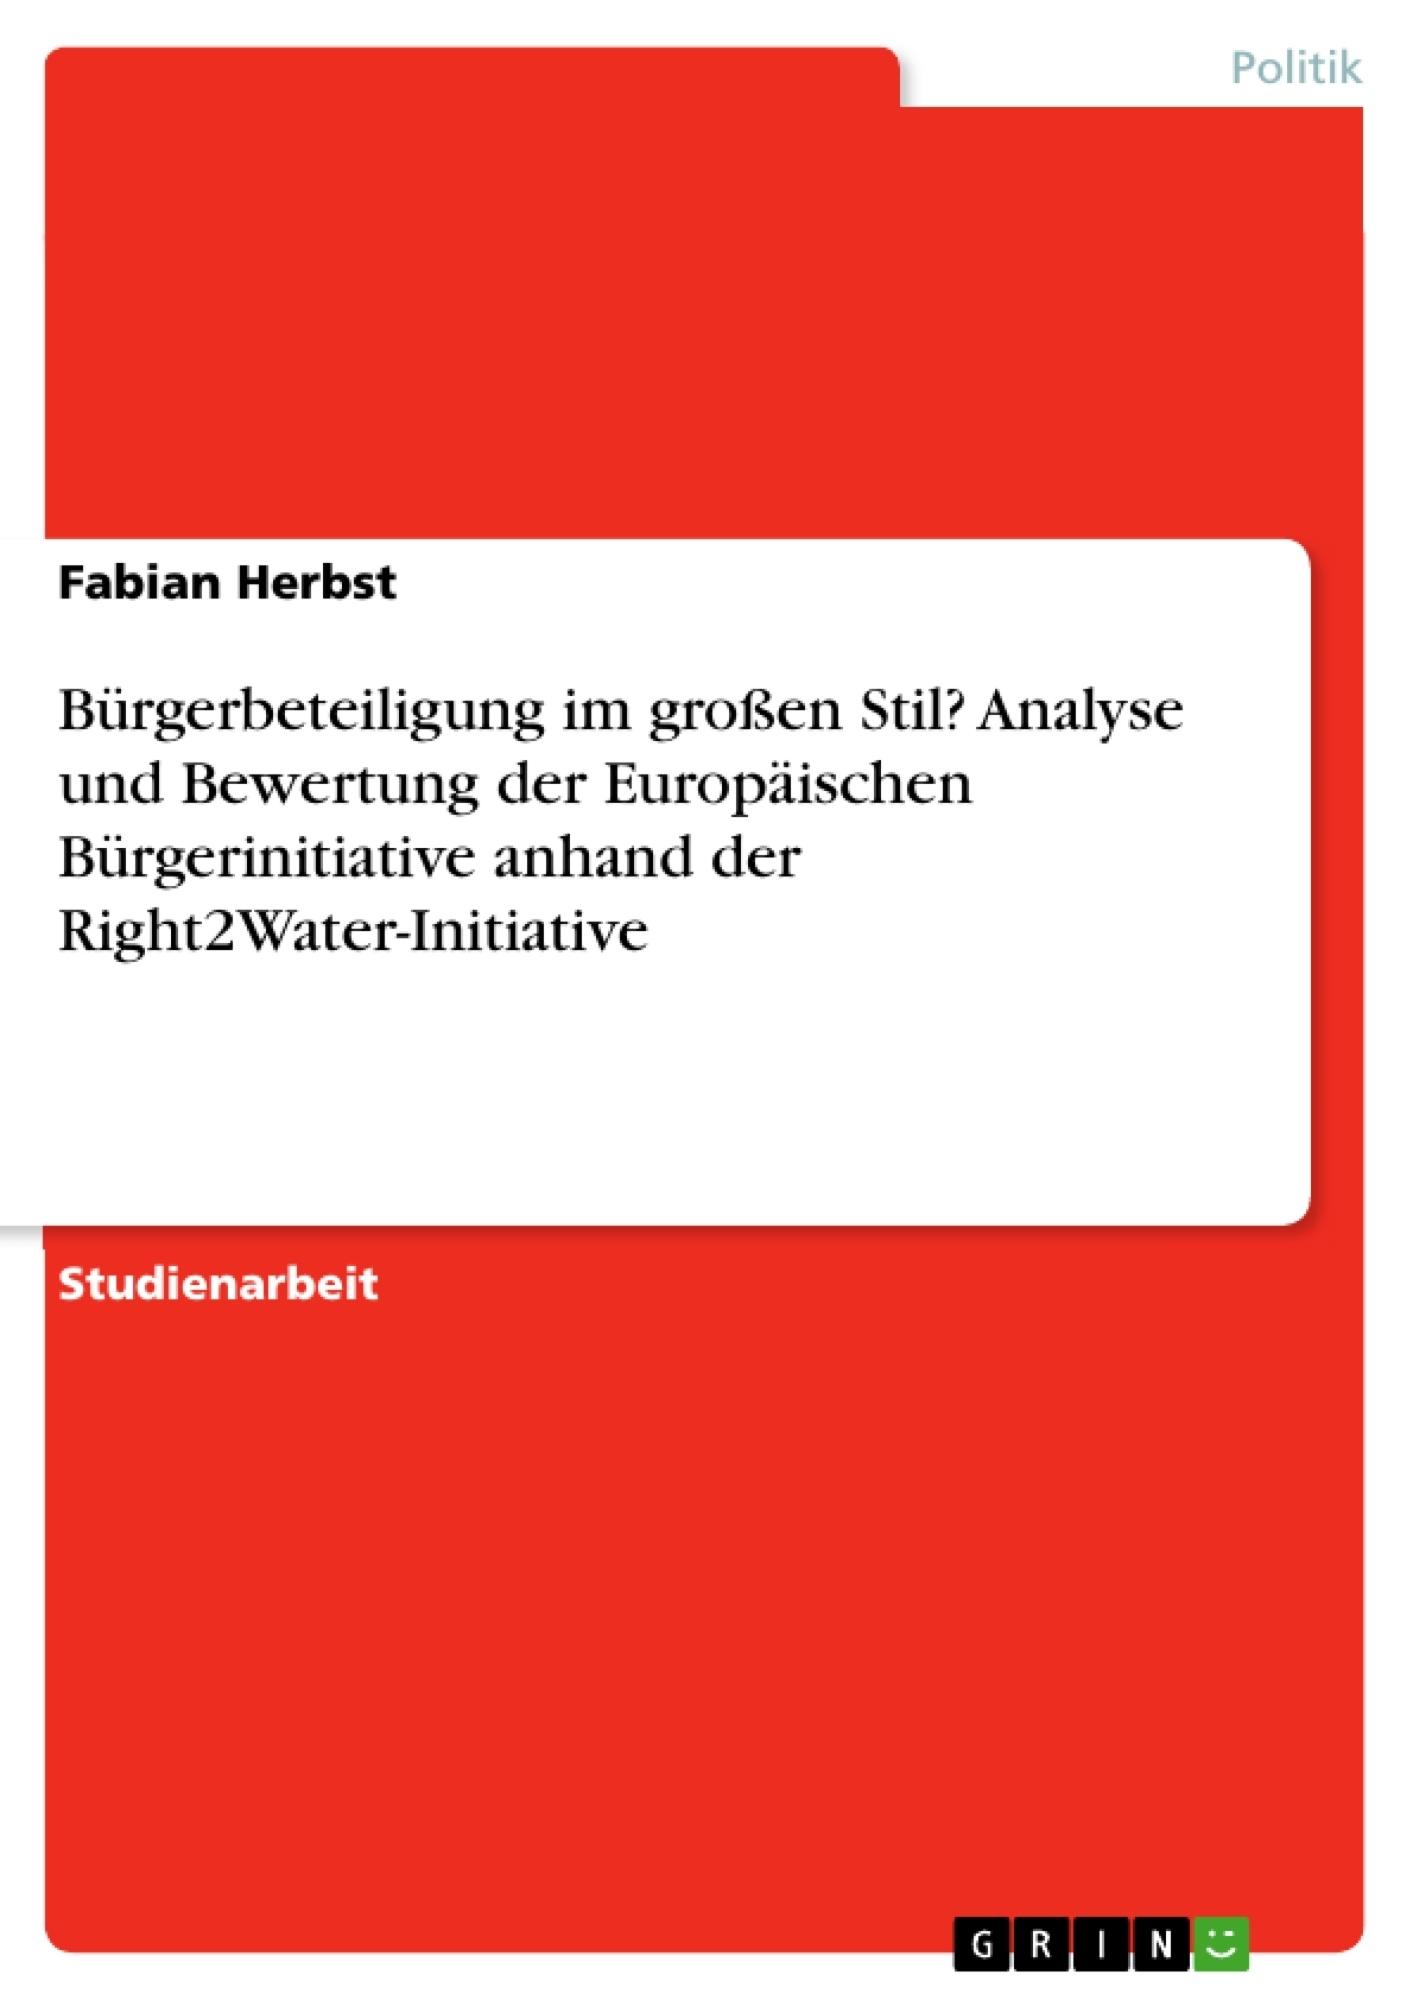 Titel: Bürgerbeteiligung im großen Stil? Analyse und Bewertung der Europäischen Bürgerinitiative anhand der Right2Water-Initiative